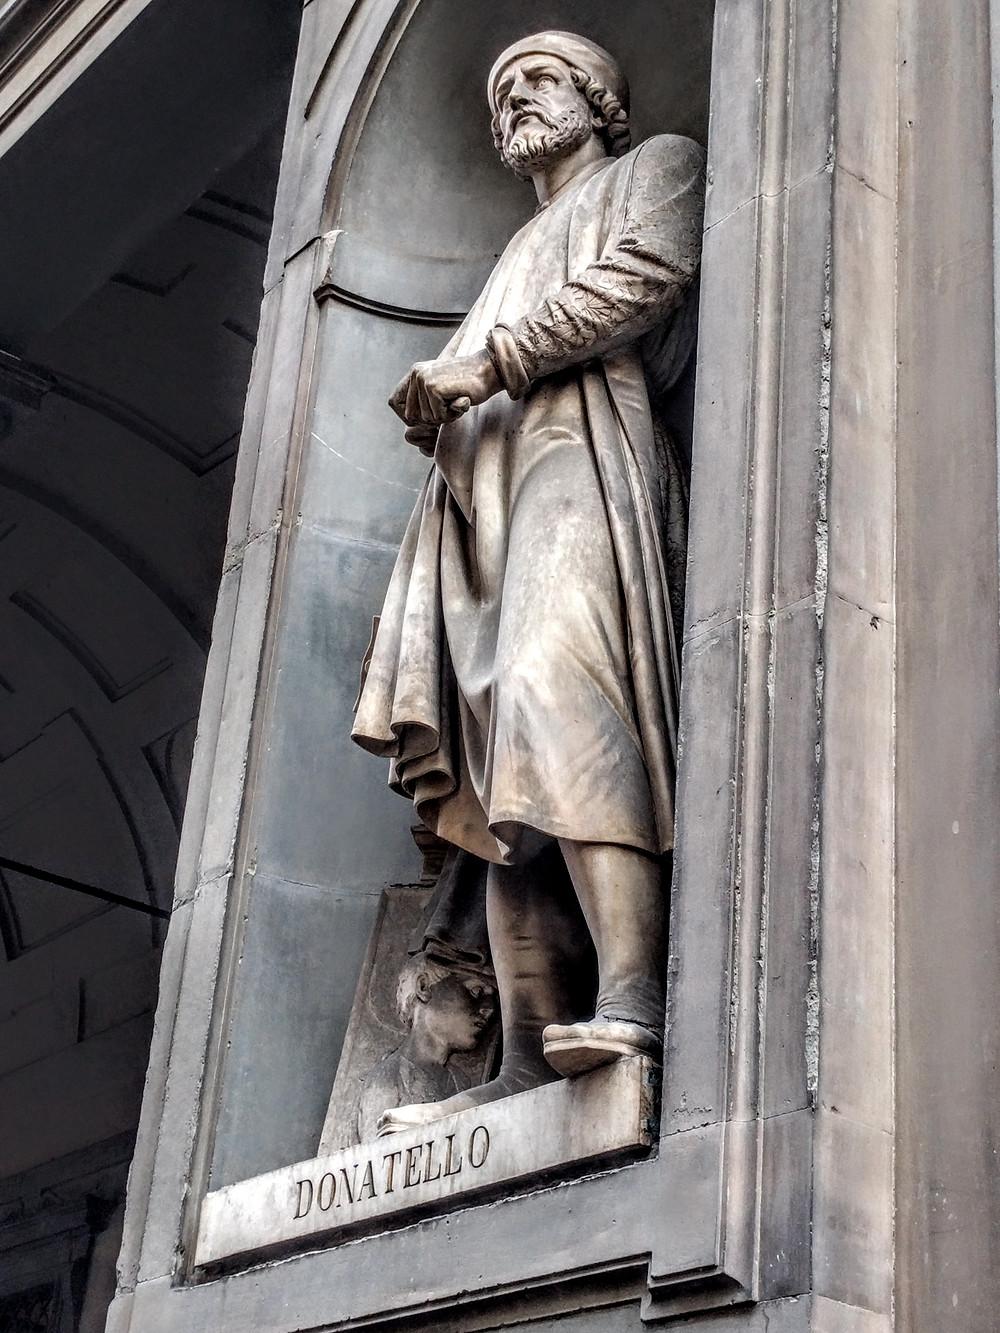 Uffizi Gallery (Florence, Italy)